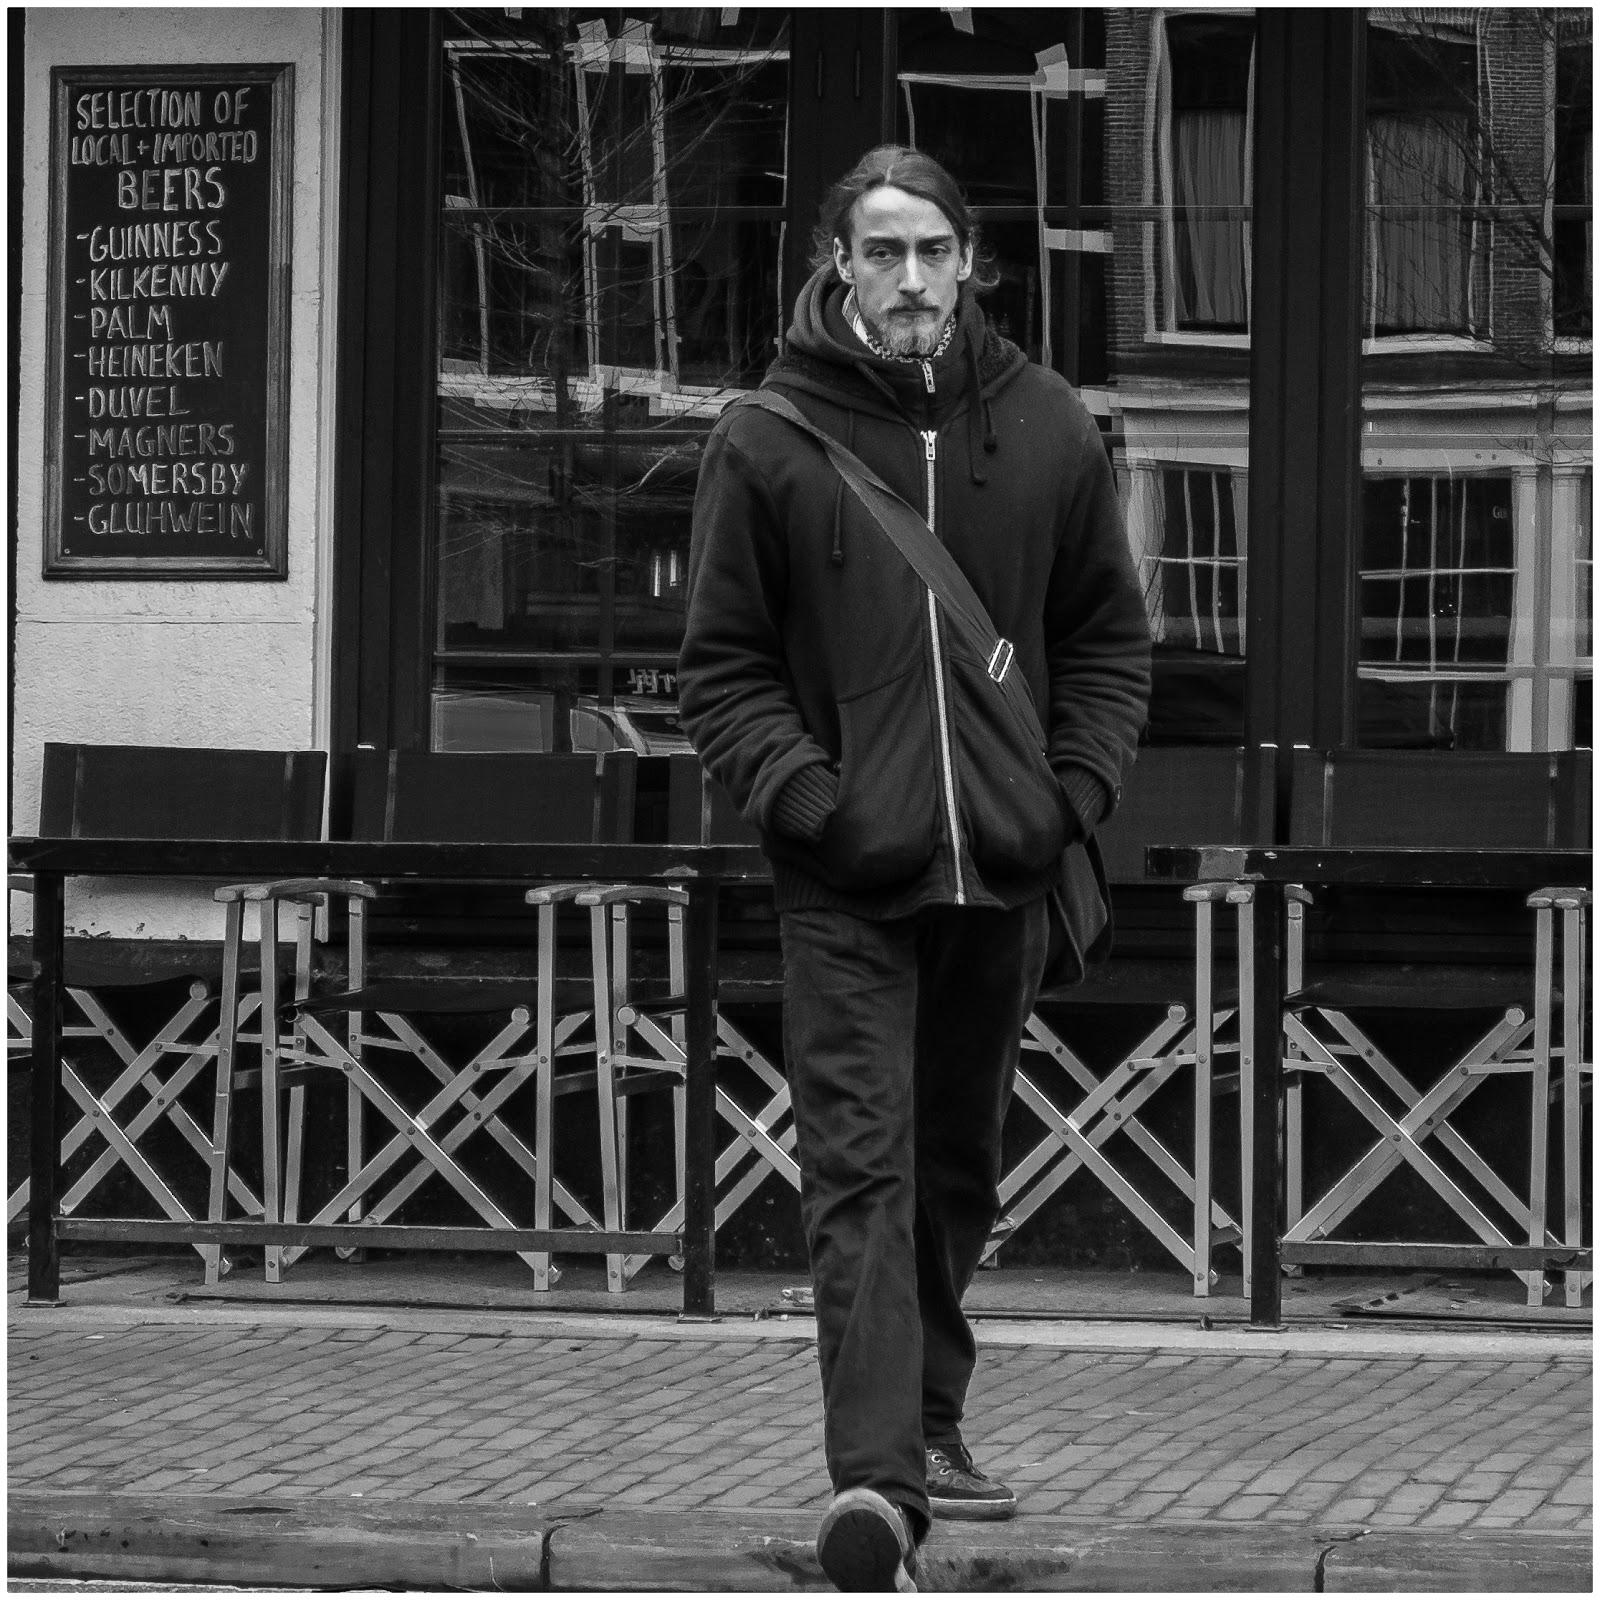 Straatfotografie in Amsterdam (Stopera)